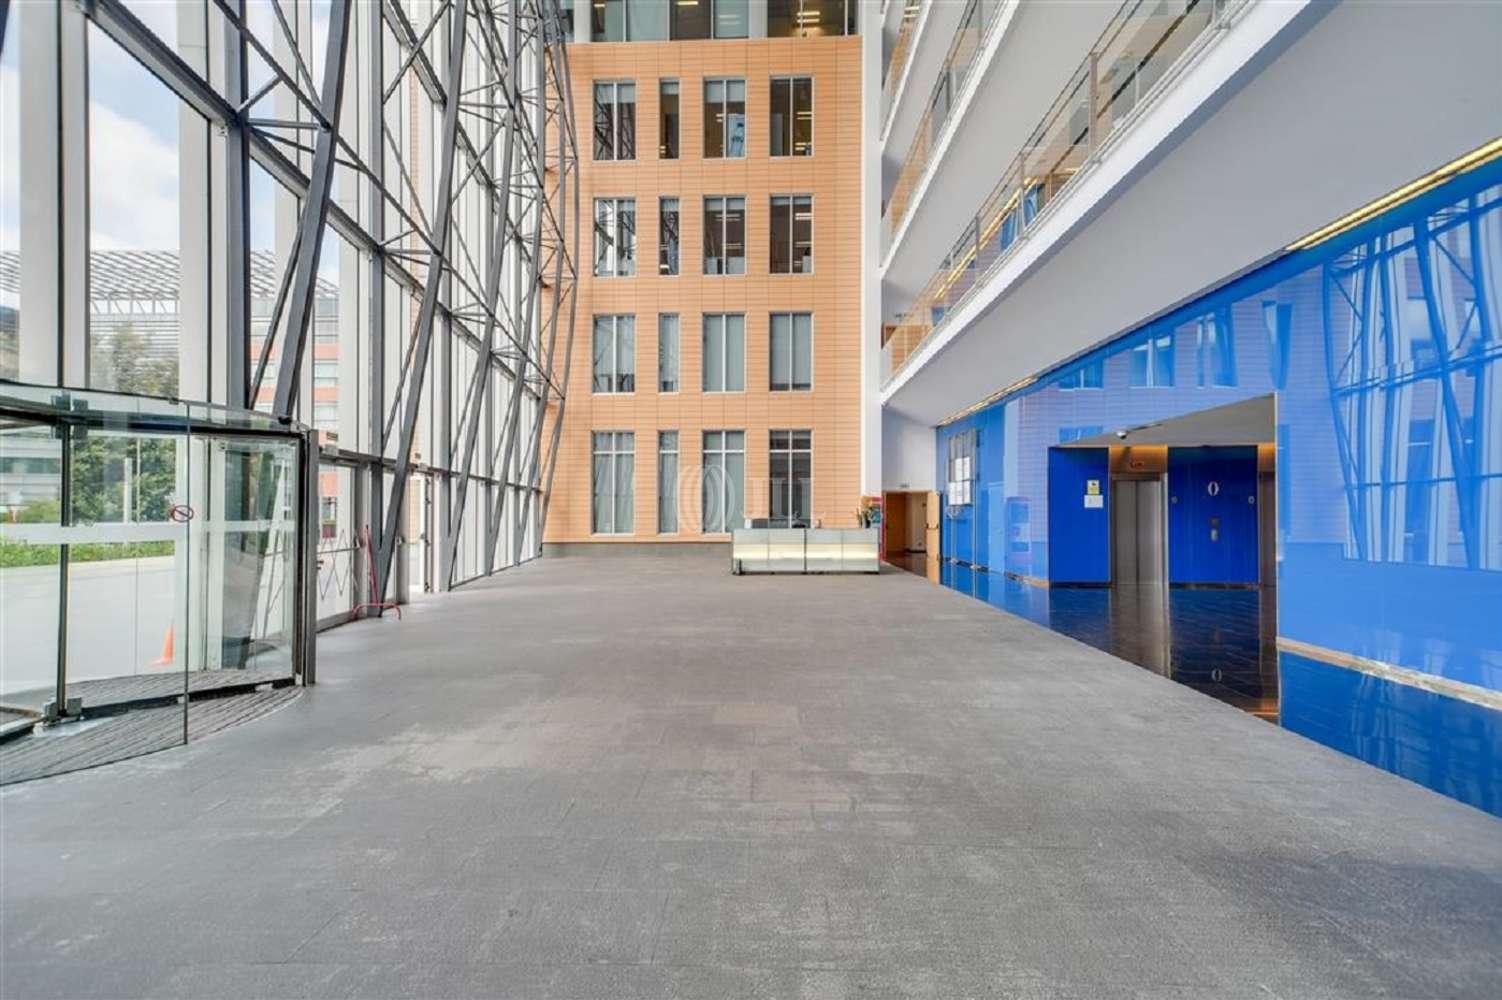 Oficina Cornellà de llobregat, 08940 - WTC ALMEDA PARK - Edificio 8